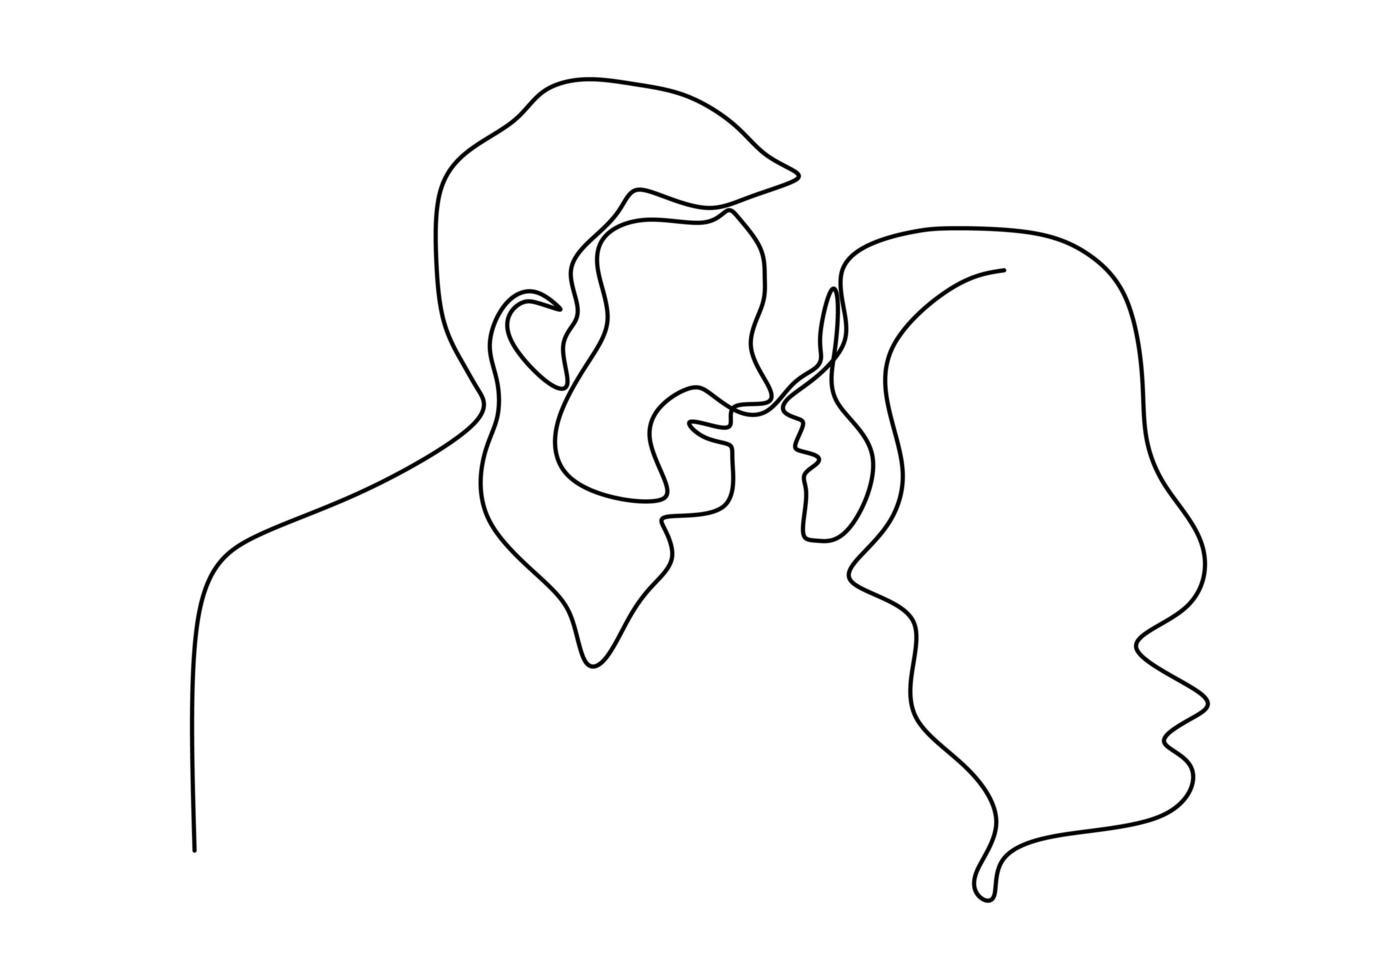 contínuo um único desenho de linha de beijo romântico de dois amantes. ilustração em vetor esboço desenhado mão minimalismo, bom para banner, cartaz e plano de fundo do dia dos namorados. conceito de relacionamento.